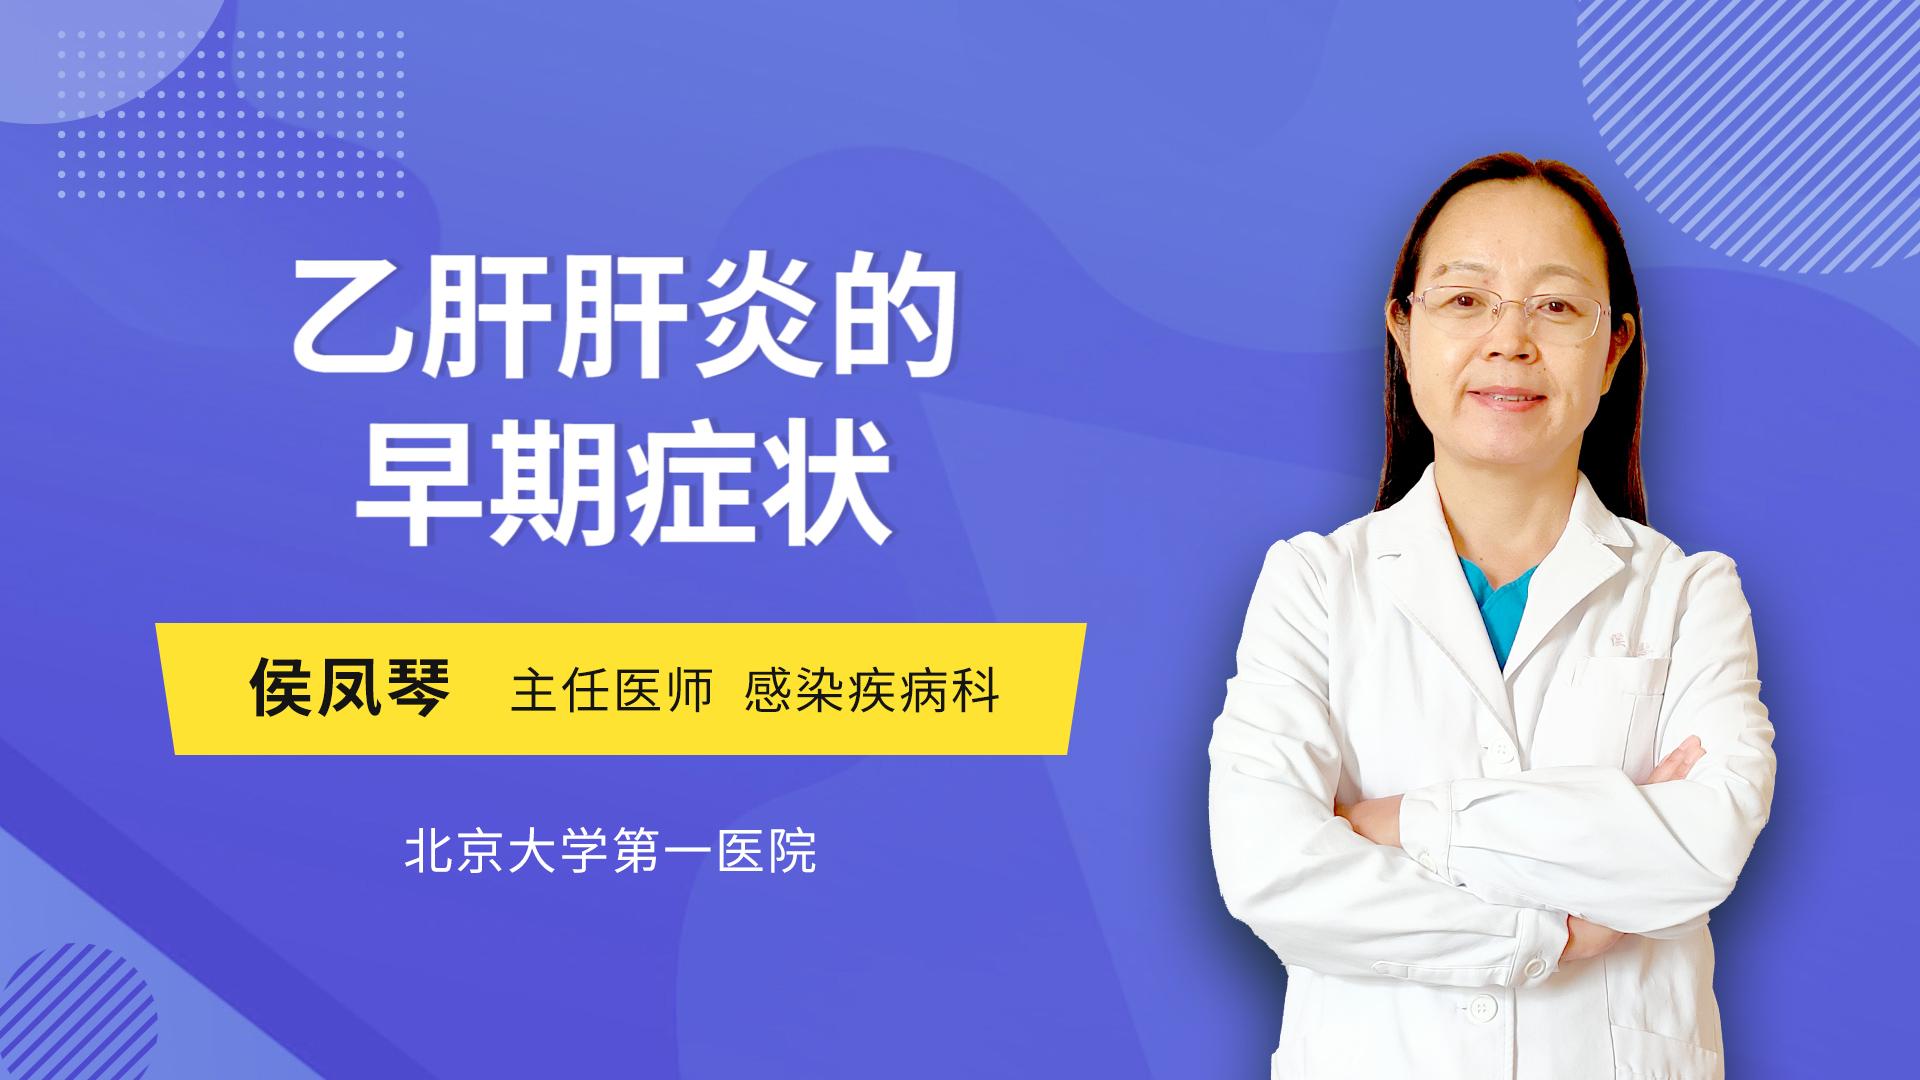 乙肝肝炎的早期症状